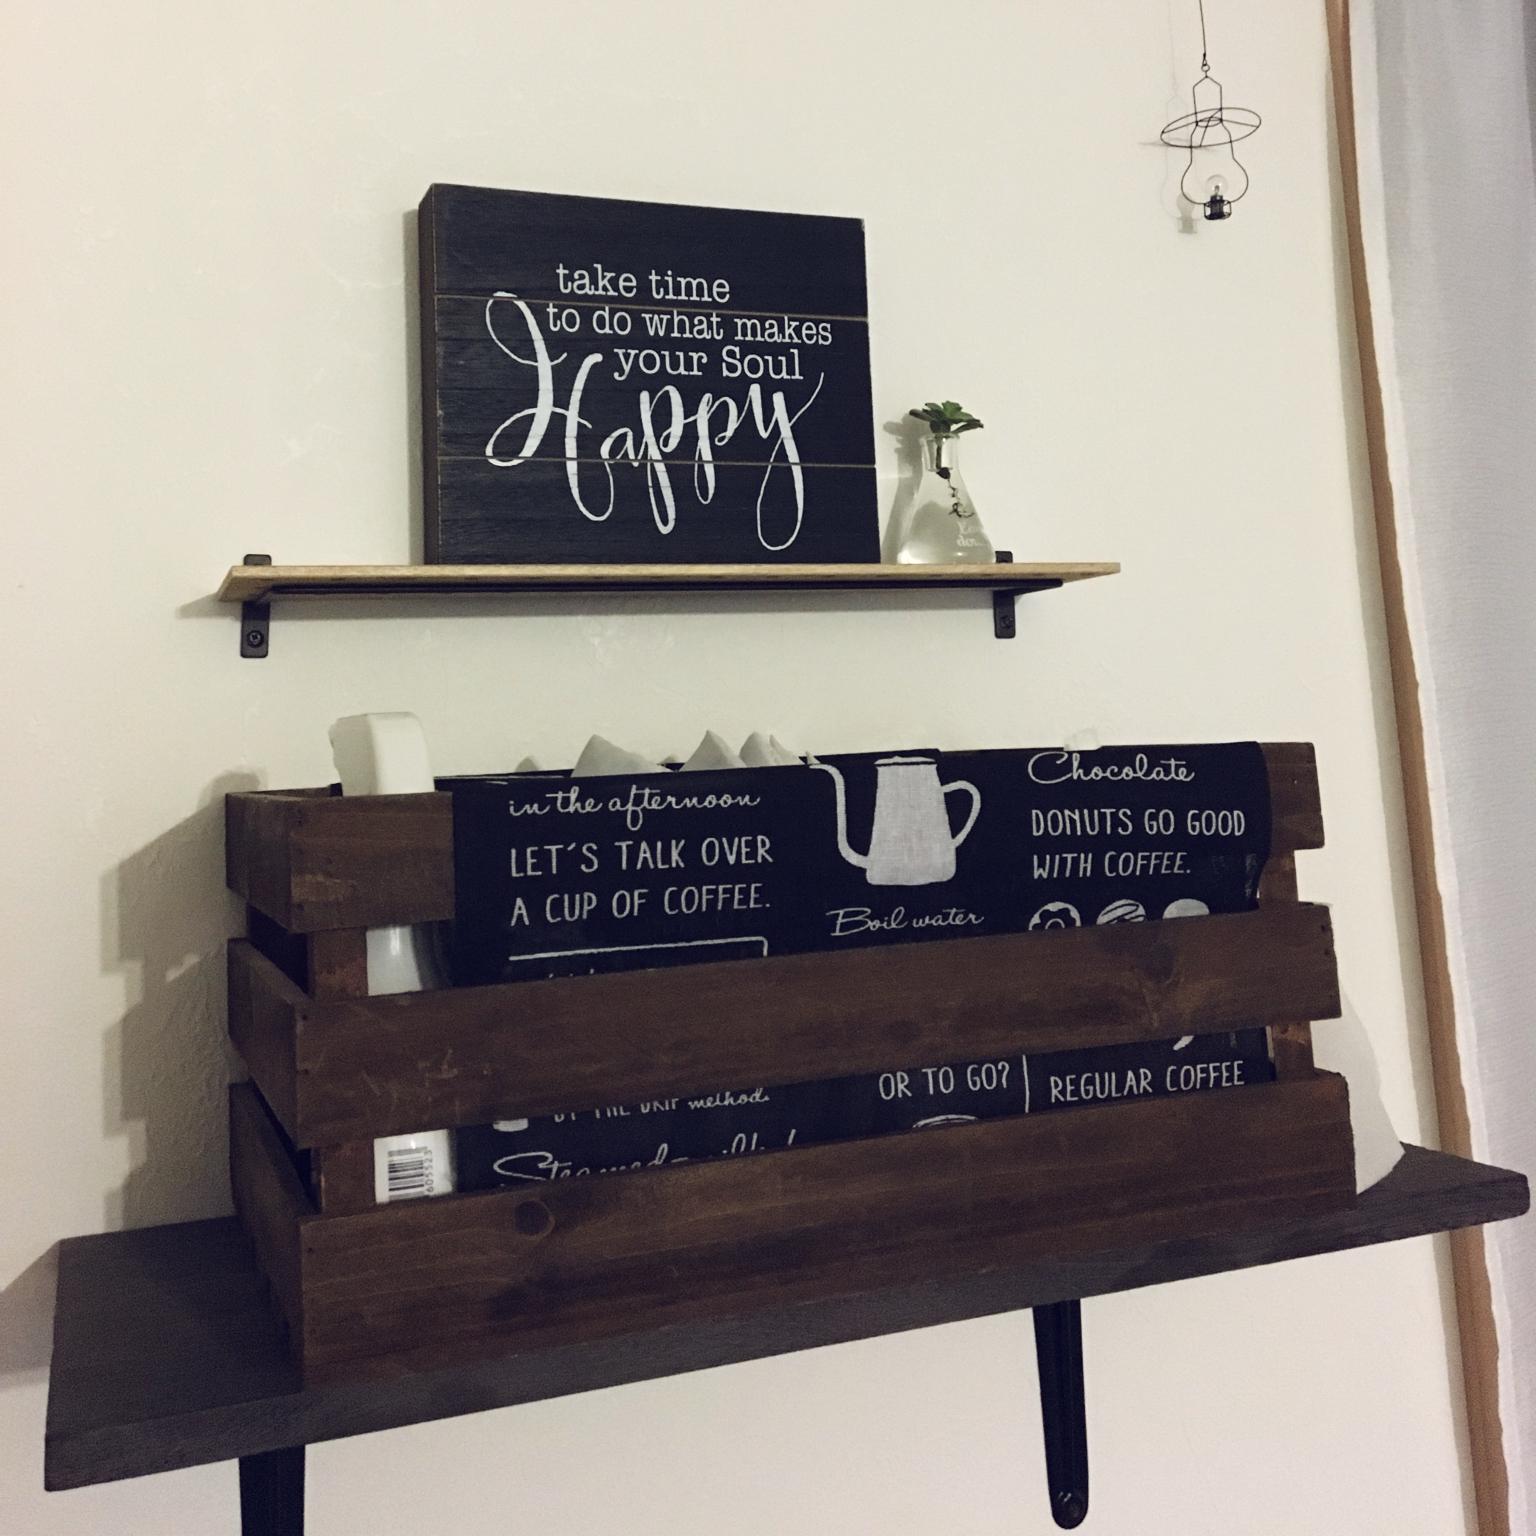 My Shelf/DIY/多肉植物/ニトリ/セリア/壁紙屋本舗さん/犬と暮らす/こどもと暮らす/建売り一戸建て/建売り改造/日替わり投稿企画!木曜日に関連する部屋のインテリア実例